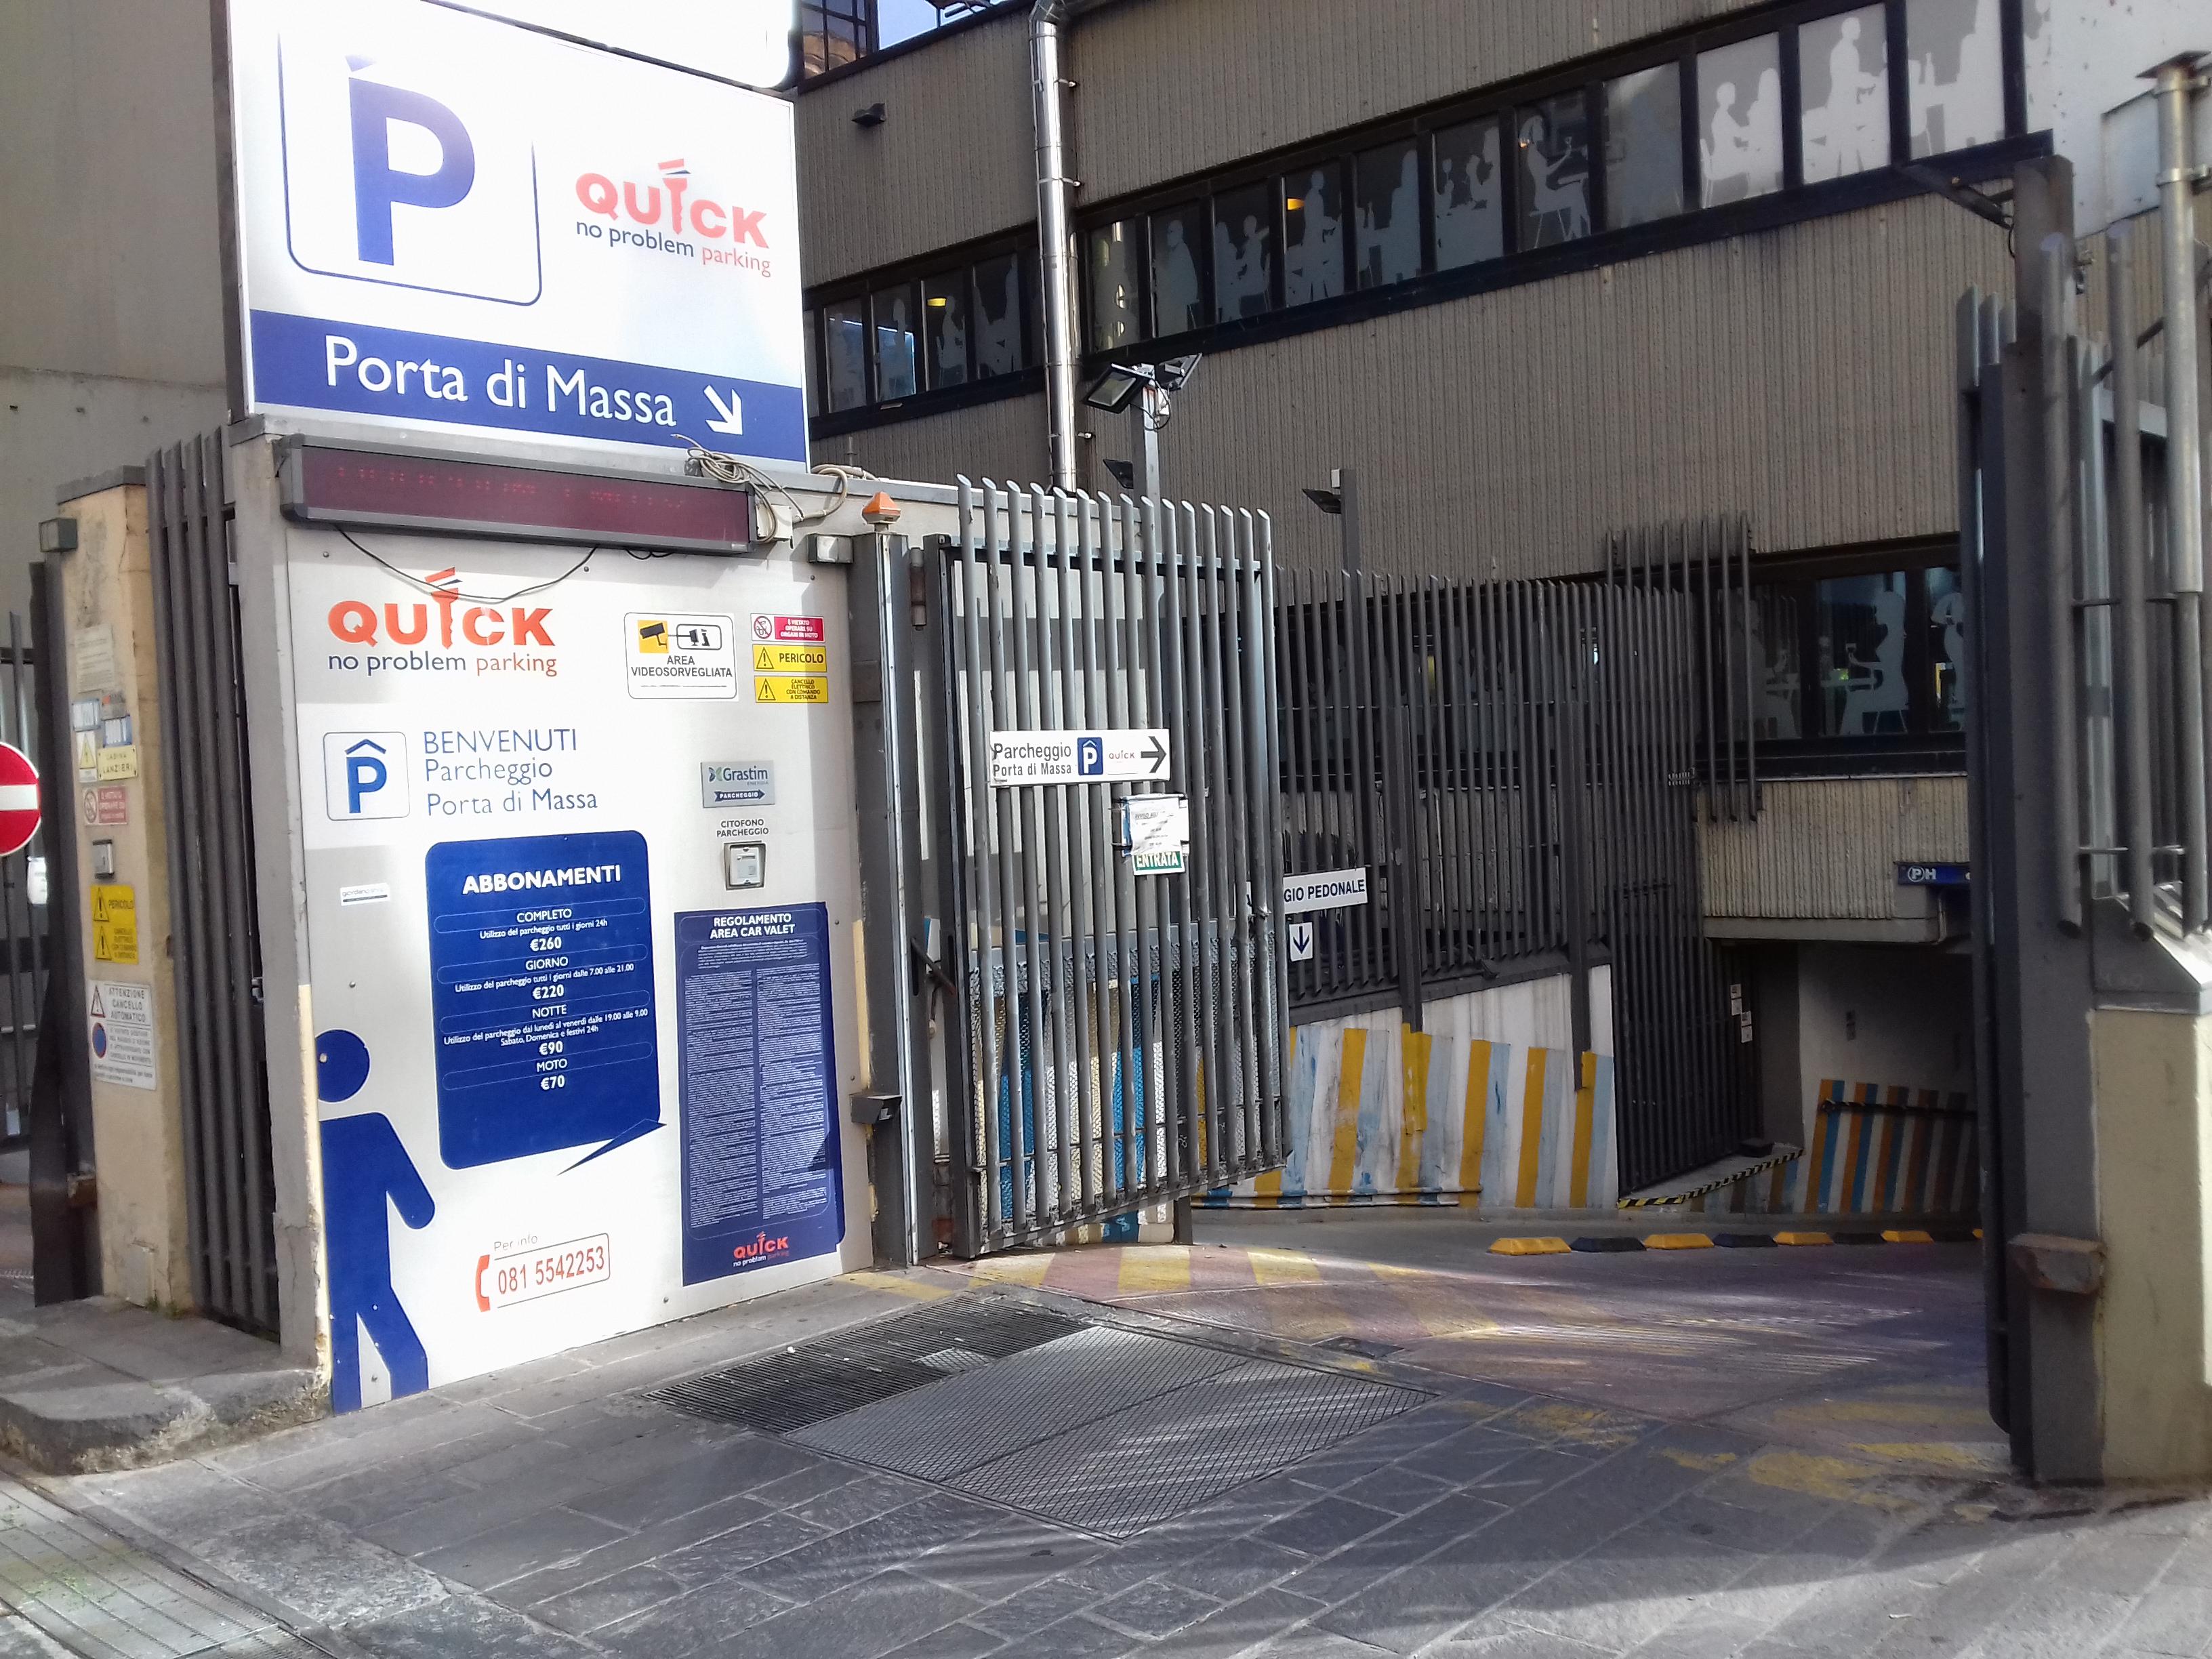 Parcheggio porto napoli porta di massa prenota adesso - Porta di massa napoli ...